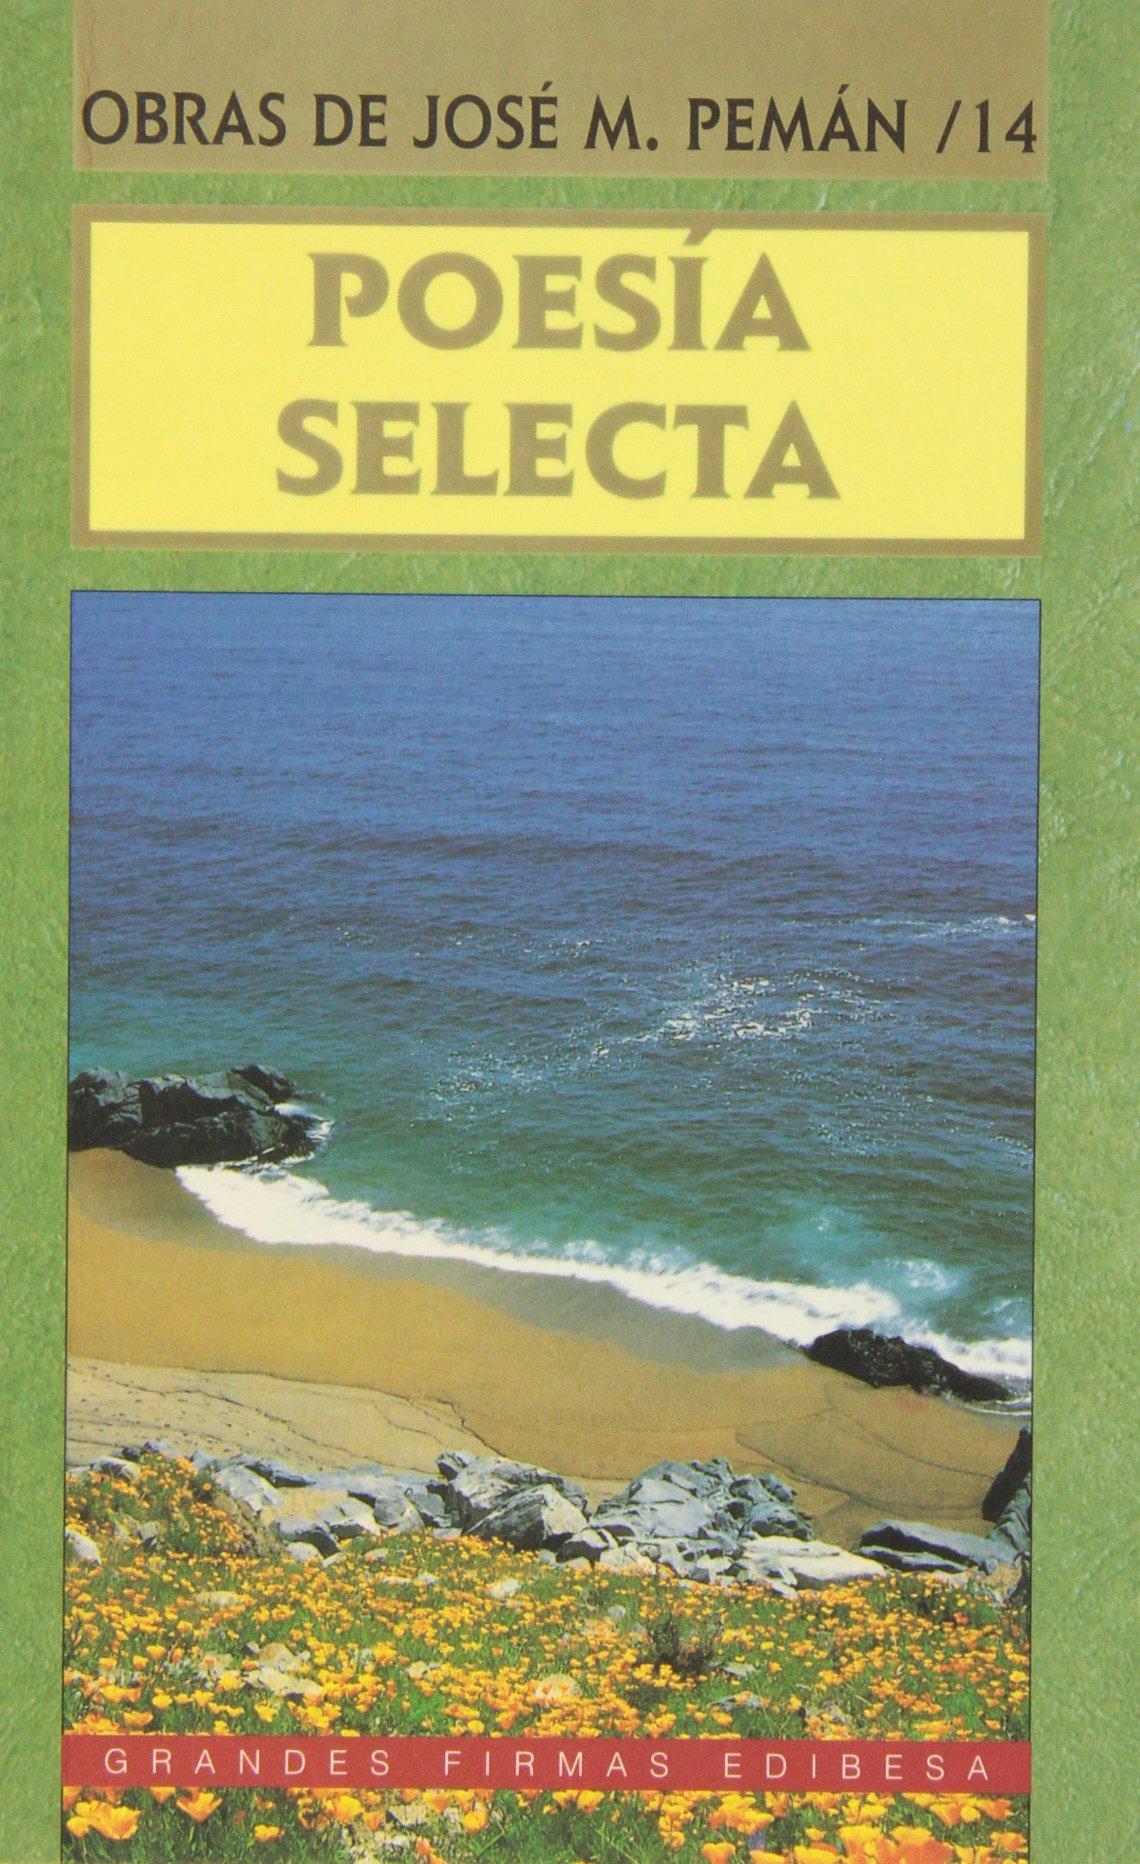 Poesía selecta (Grandes firmas Edibesa): Amazon.es: Pemán, José María: Libros